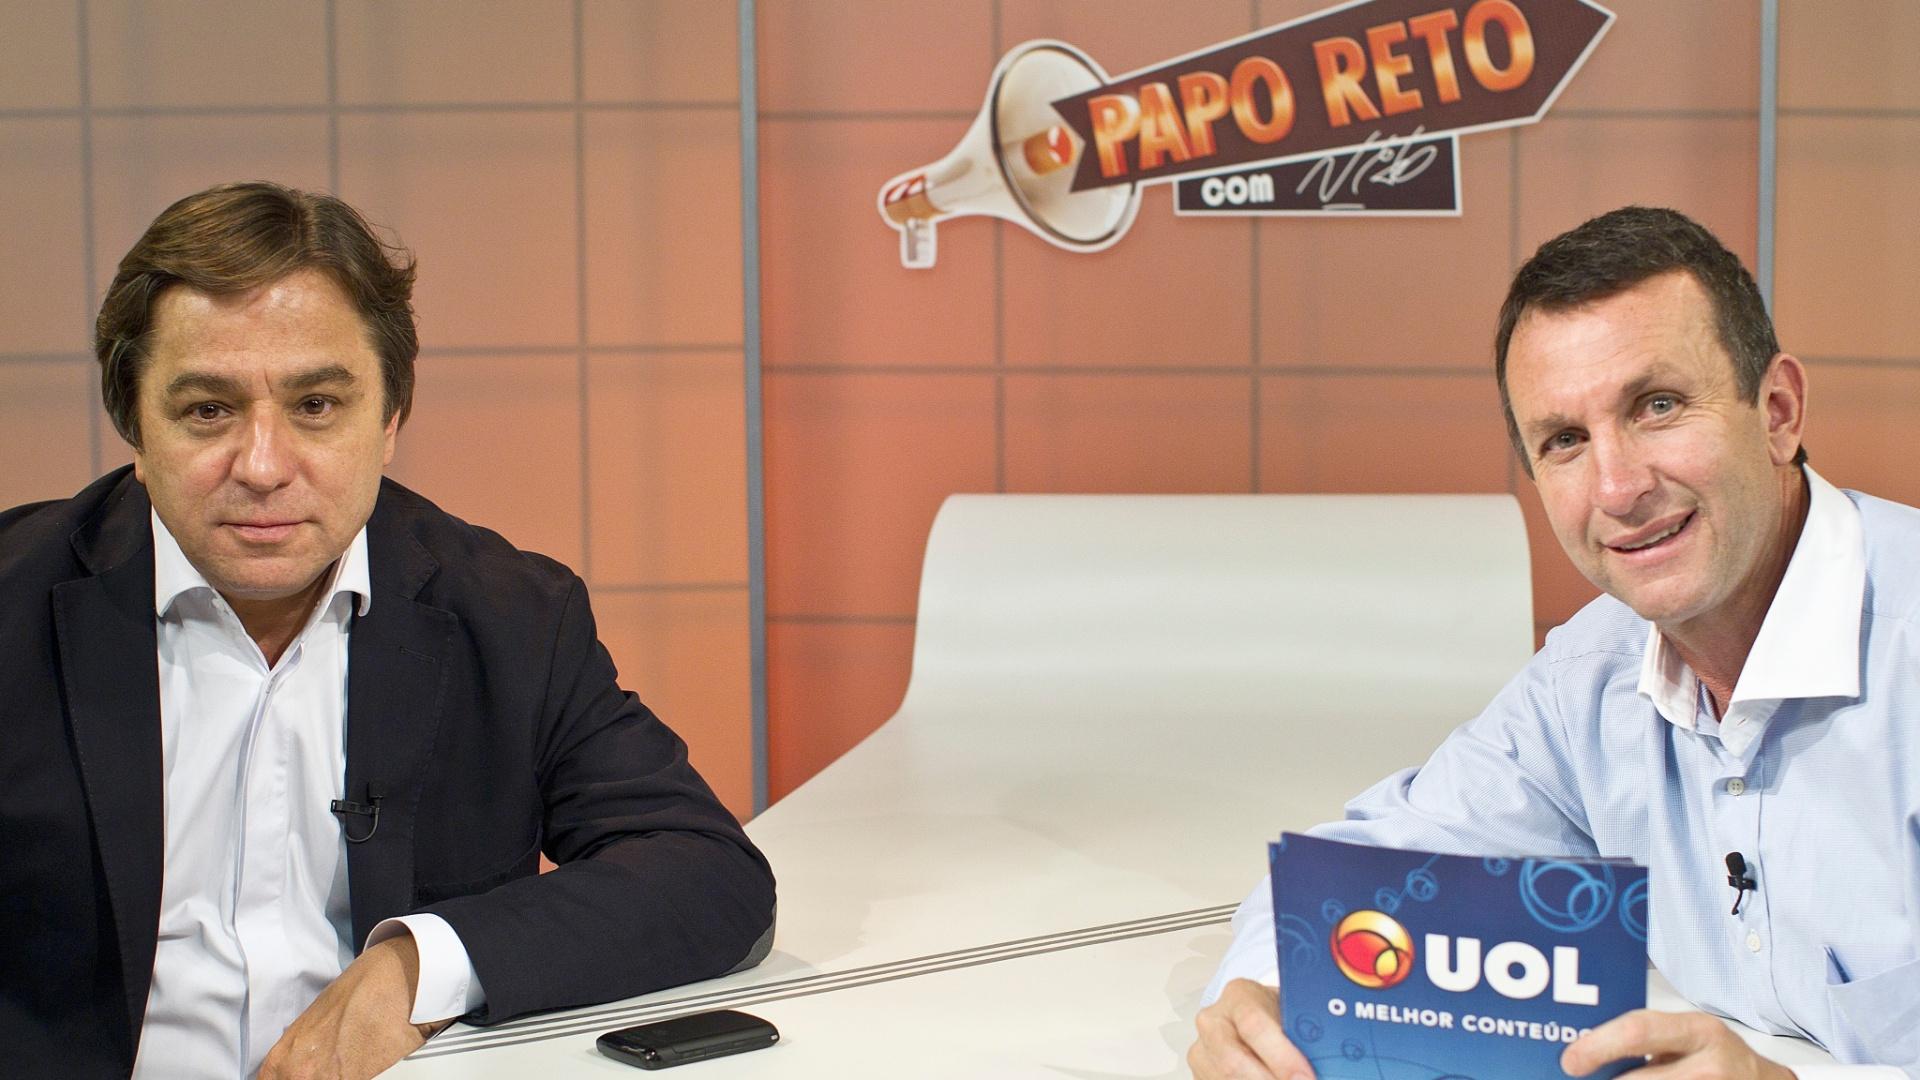 Arnaldo Tirone, presidente do Palmeiras, participa do Papo Reto, apresentado por Neto, no UOL